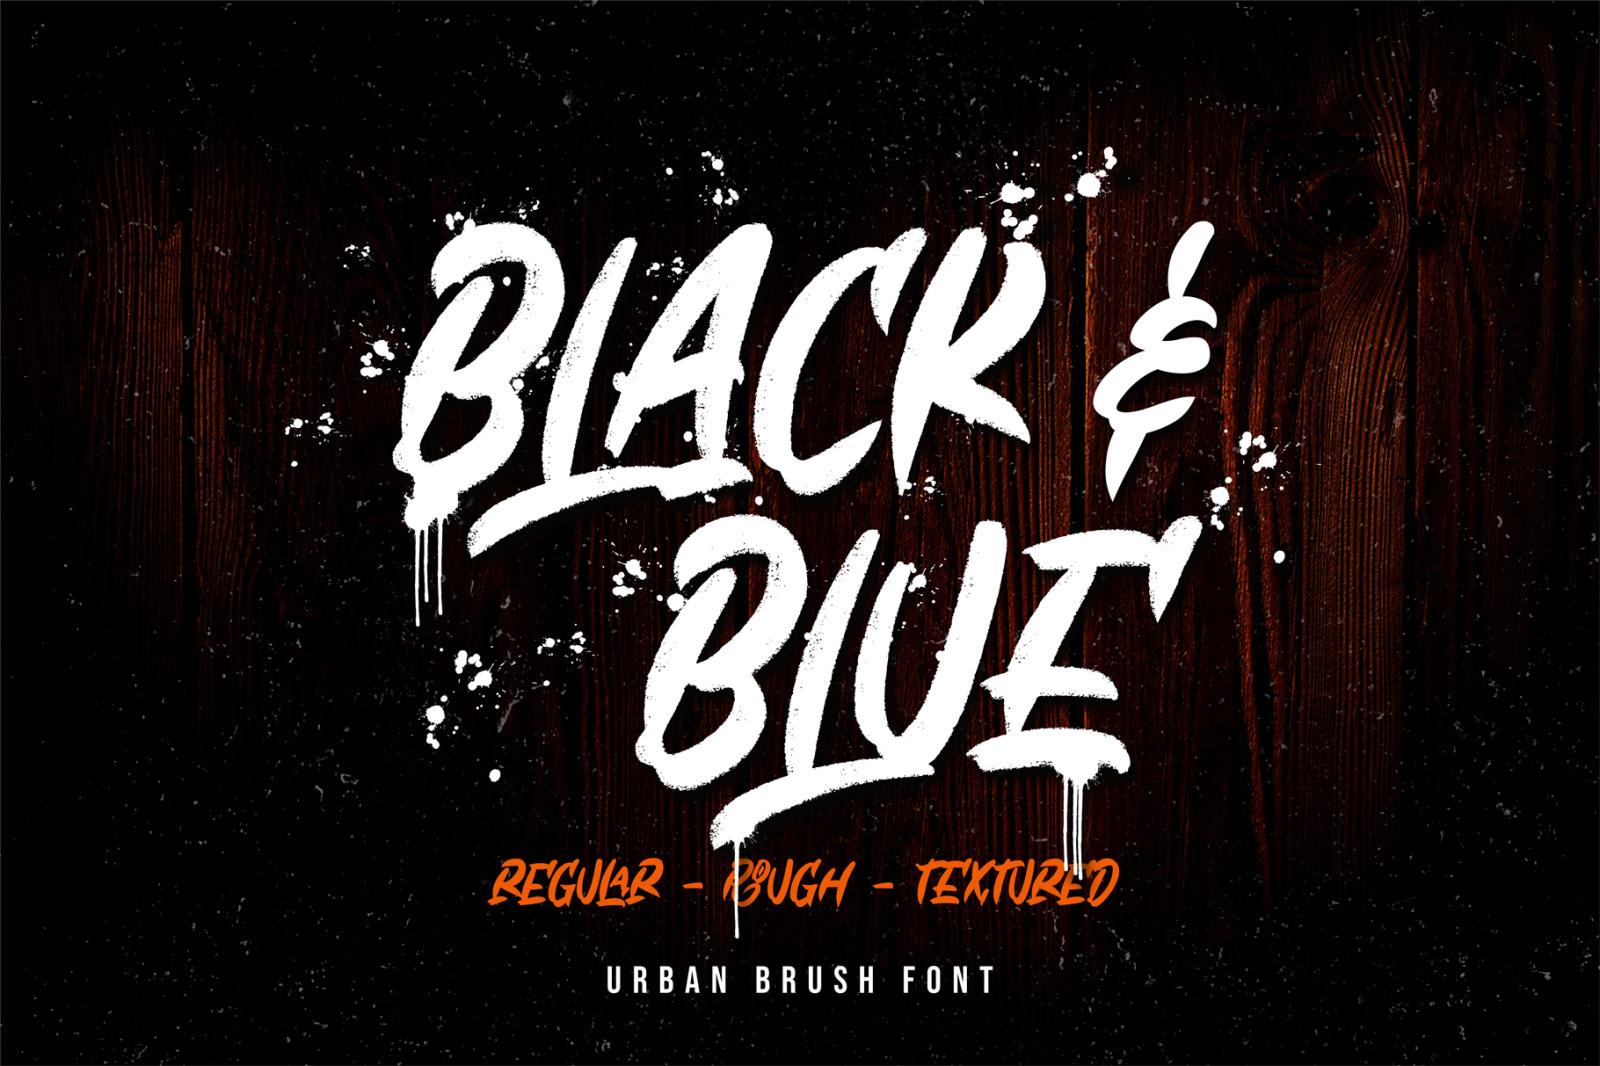 Black Friday Special Bundle Vol. 3